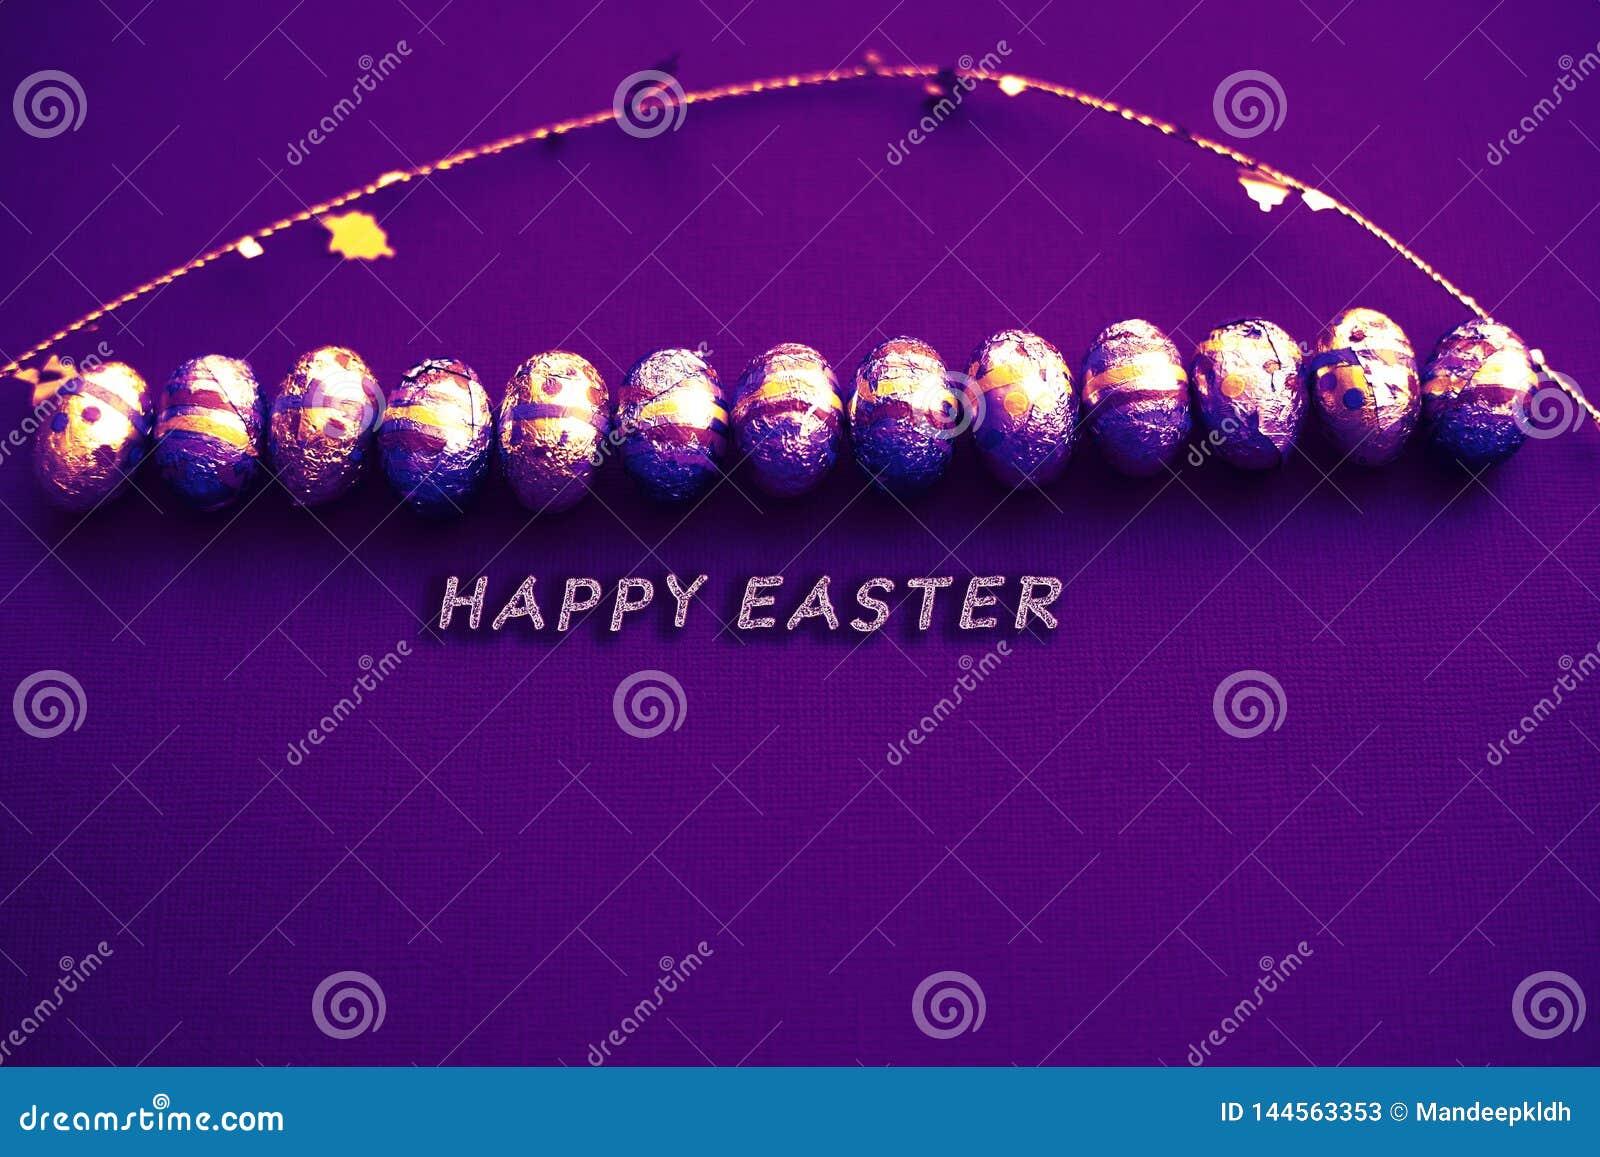 имеющееся приветствие архива пасхи eps карточки Карта пасхальных яя с золотым confetti на поверхности Праздничные стильные обои Т